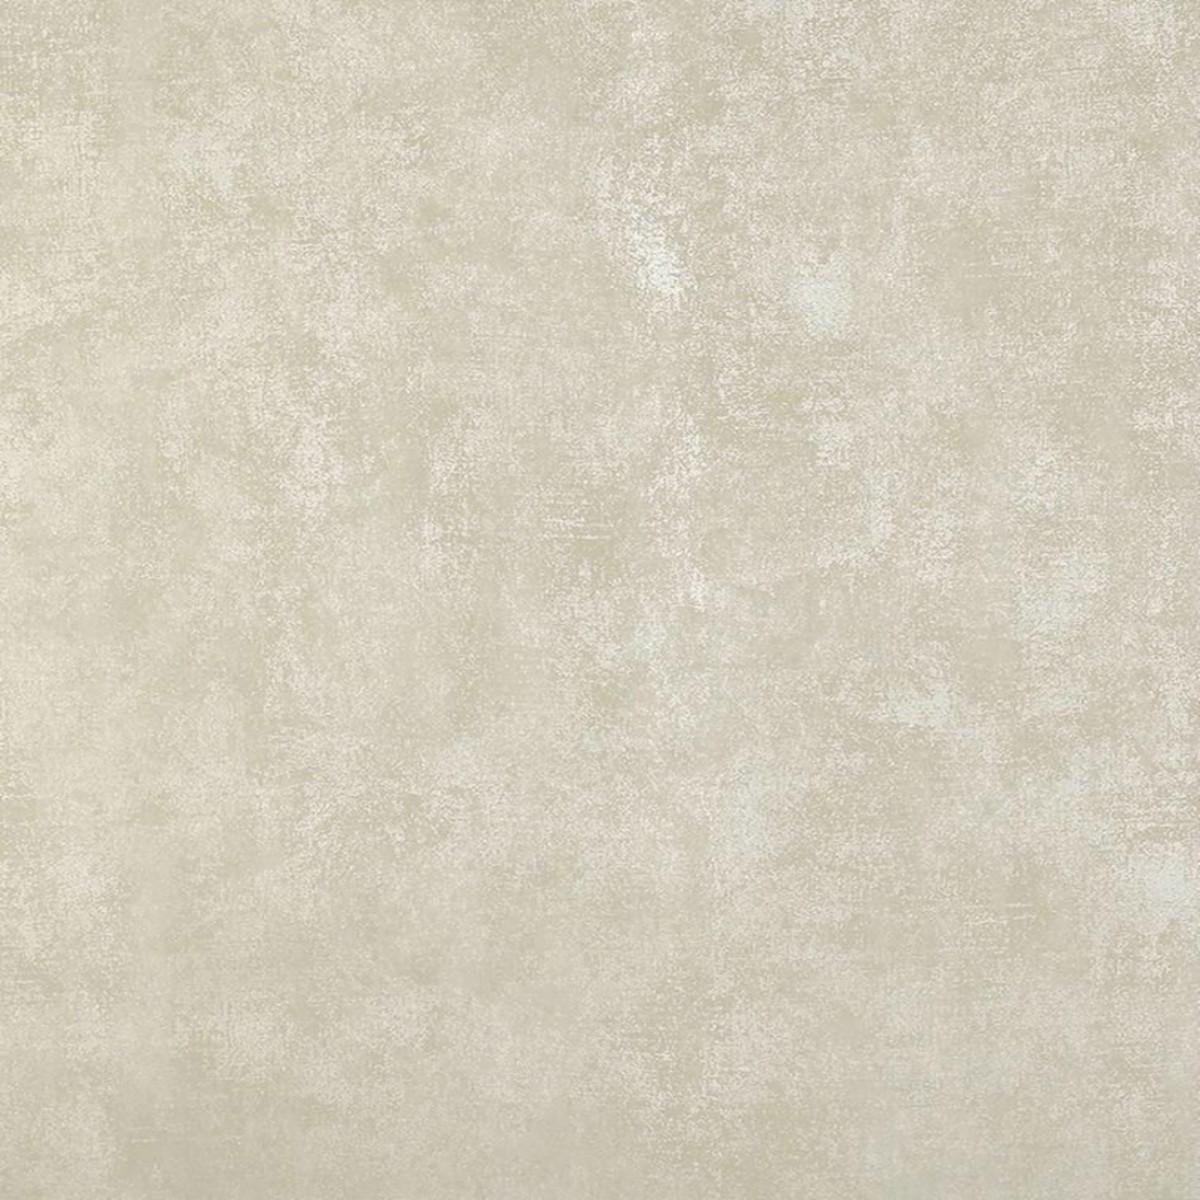 Обои флизелиновые Wiganford Lianna Leeds коричневые N55675 1.06 м